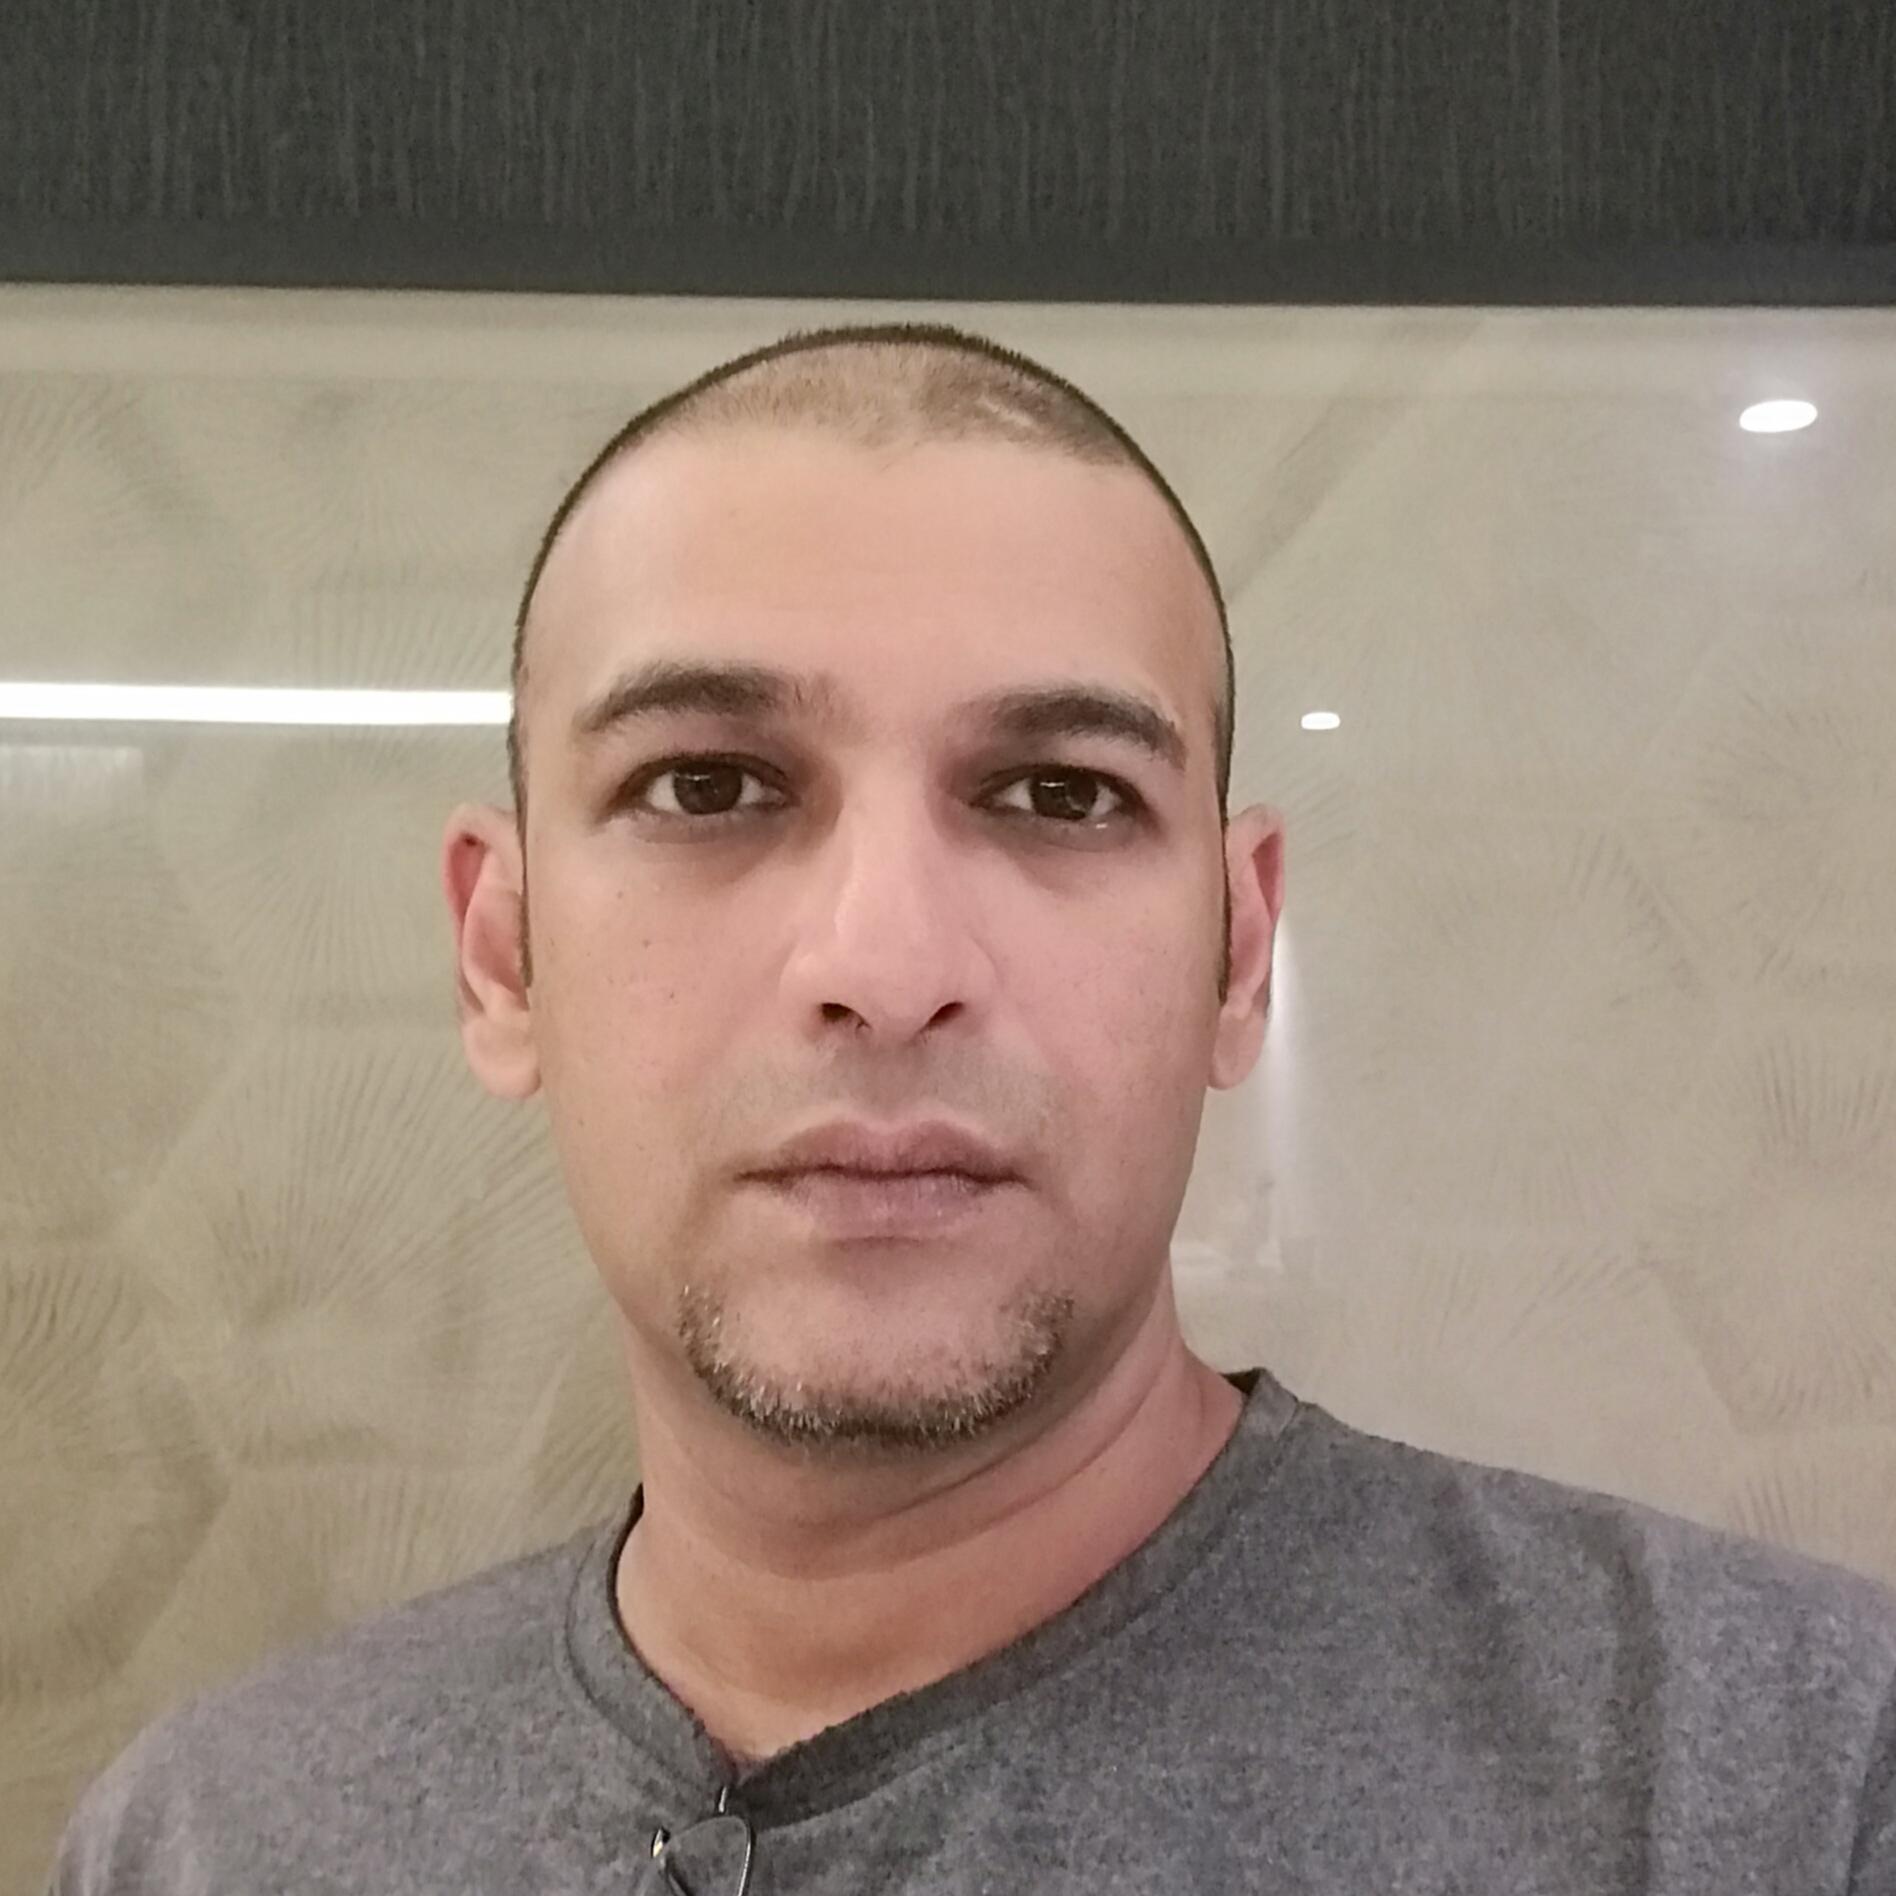 Anjuman Deodhar